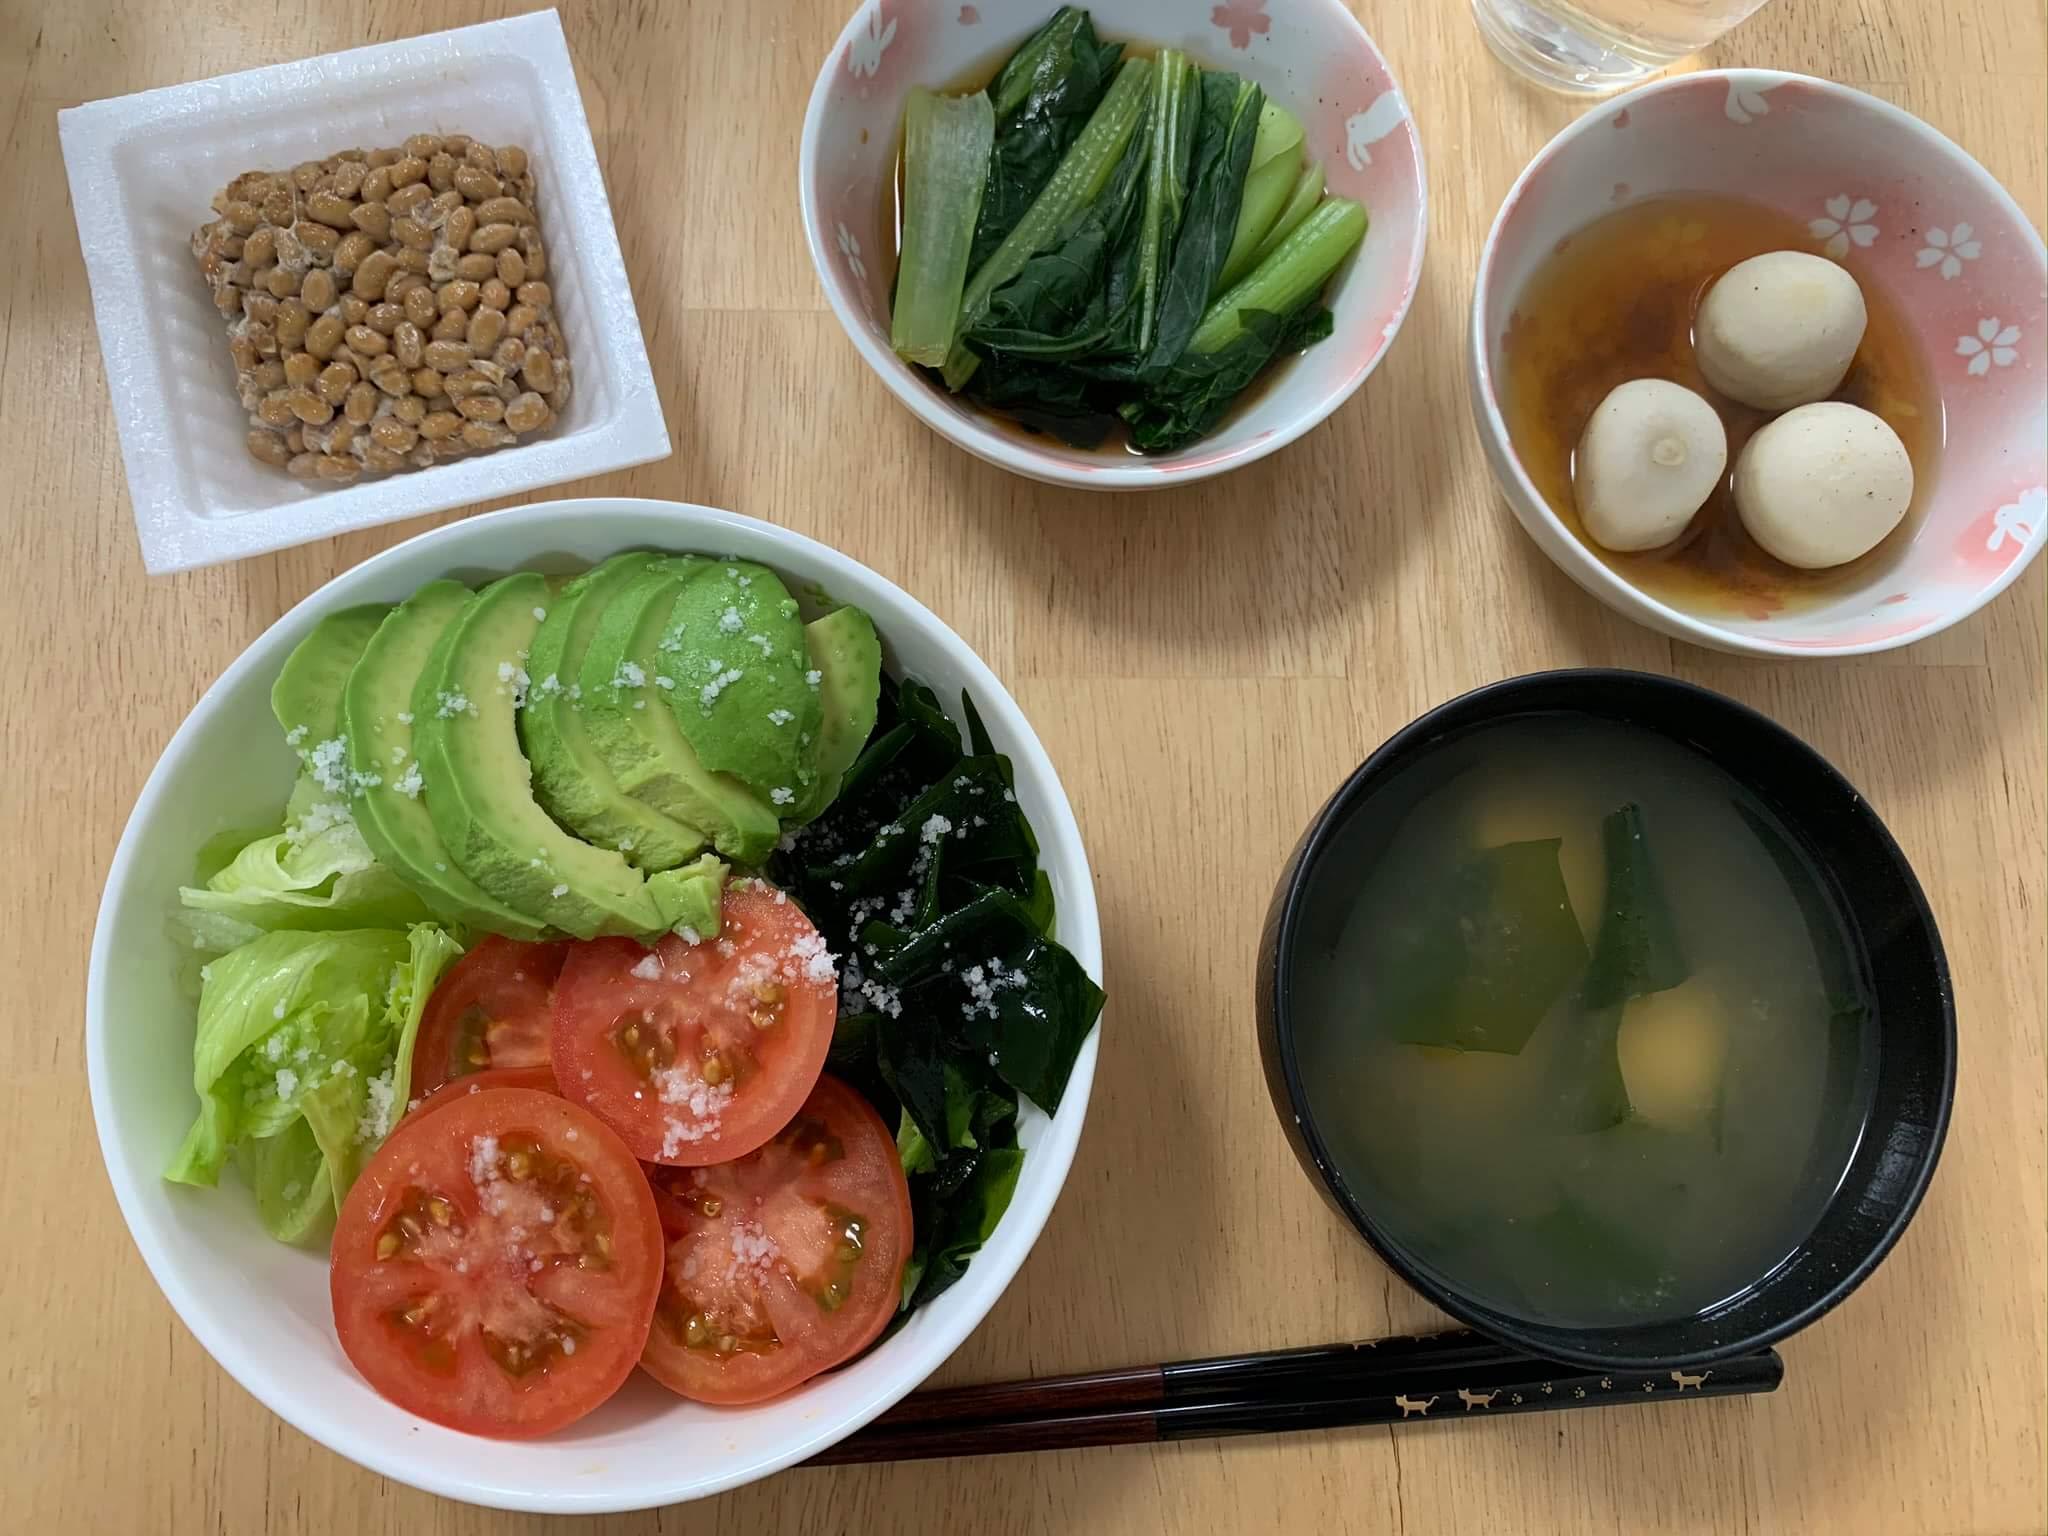 【断食】ファスティング回復食2日目のメニュー サラダは毎食